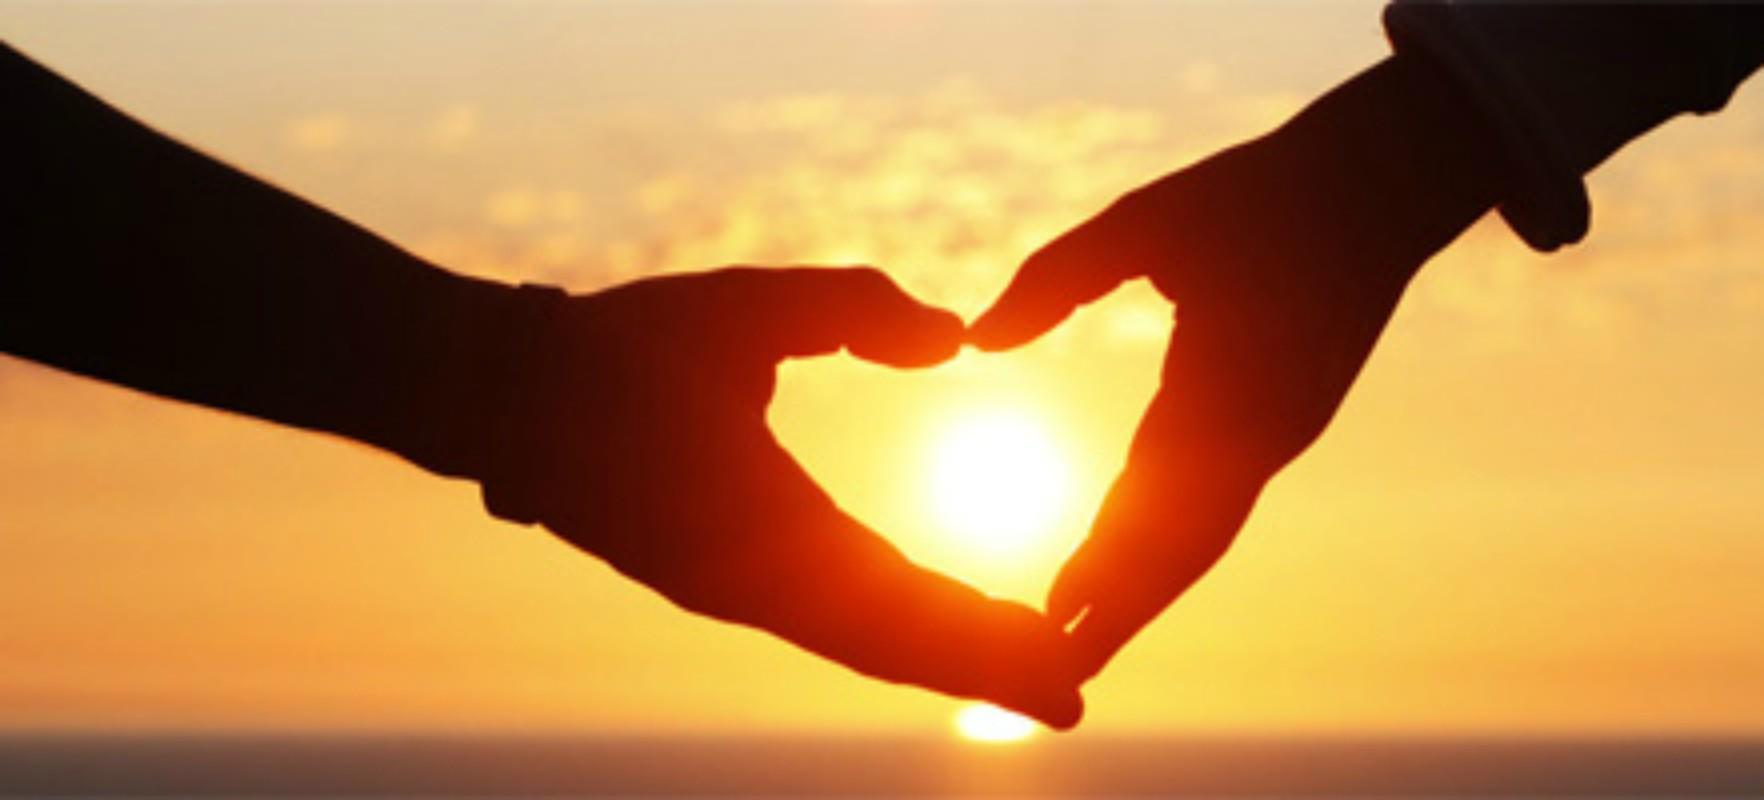 Ljubezni je več – sprejmimo drugačnost